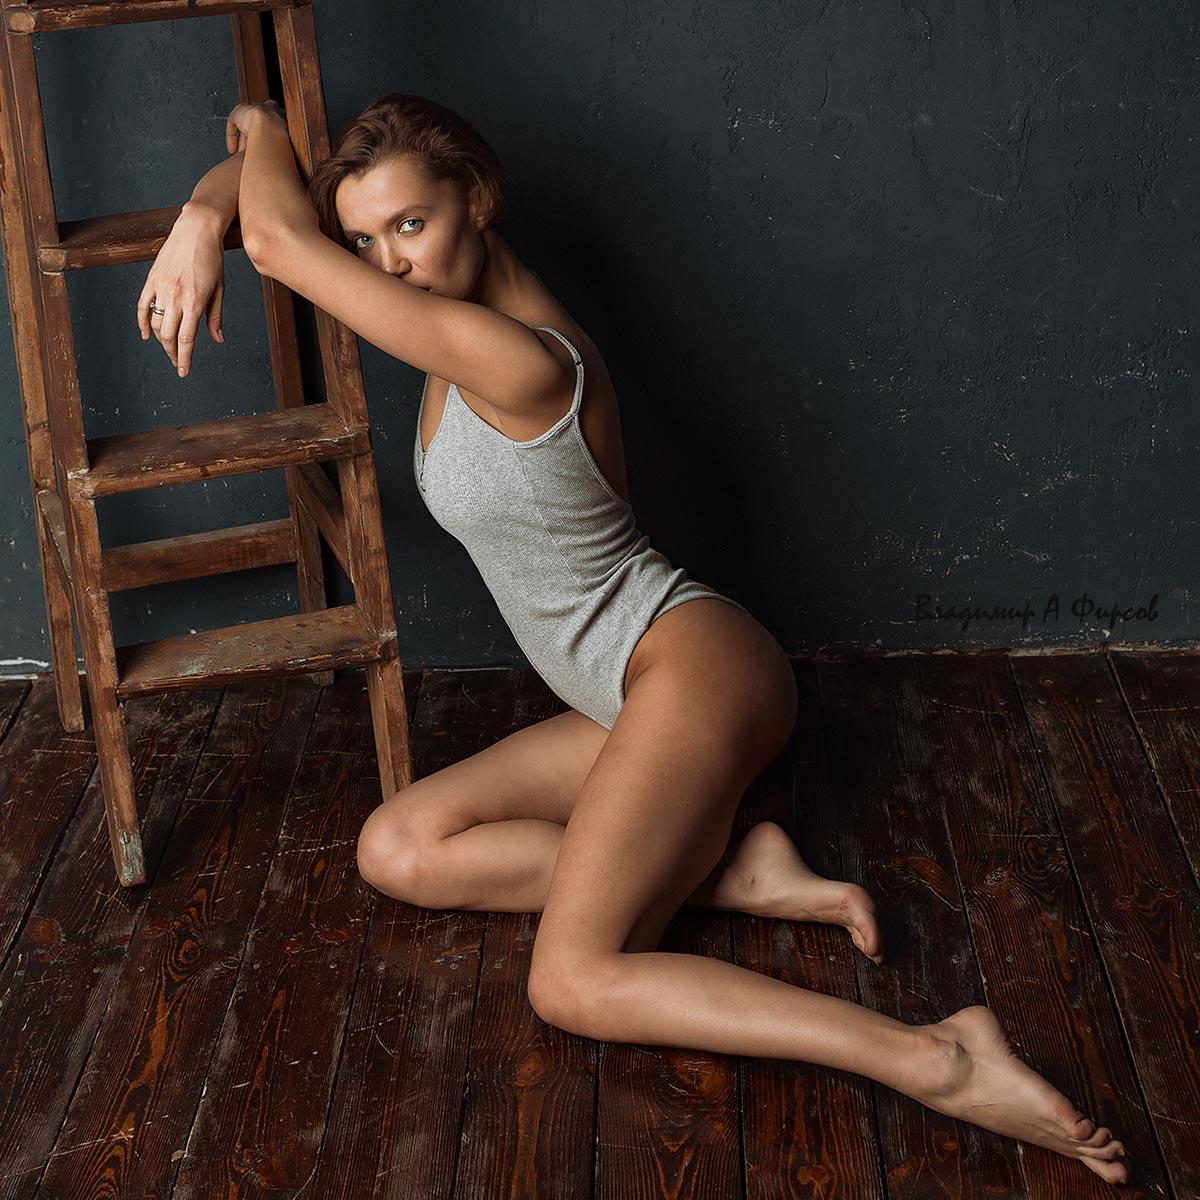 портрет, жанр, девушка, боди, студия, Владимир Фирсов